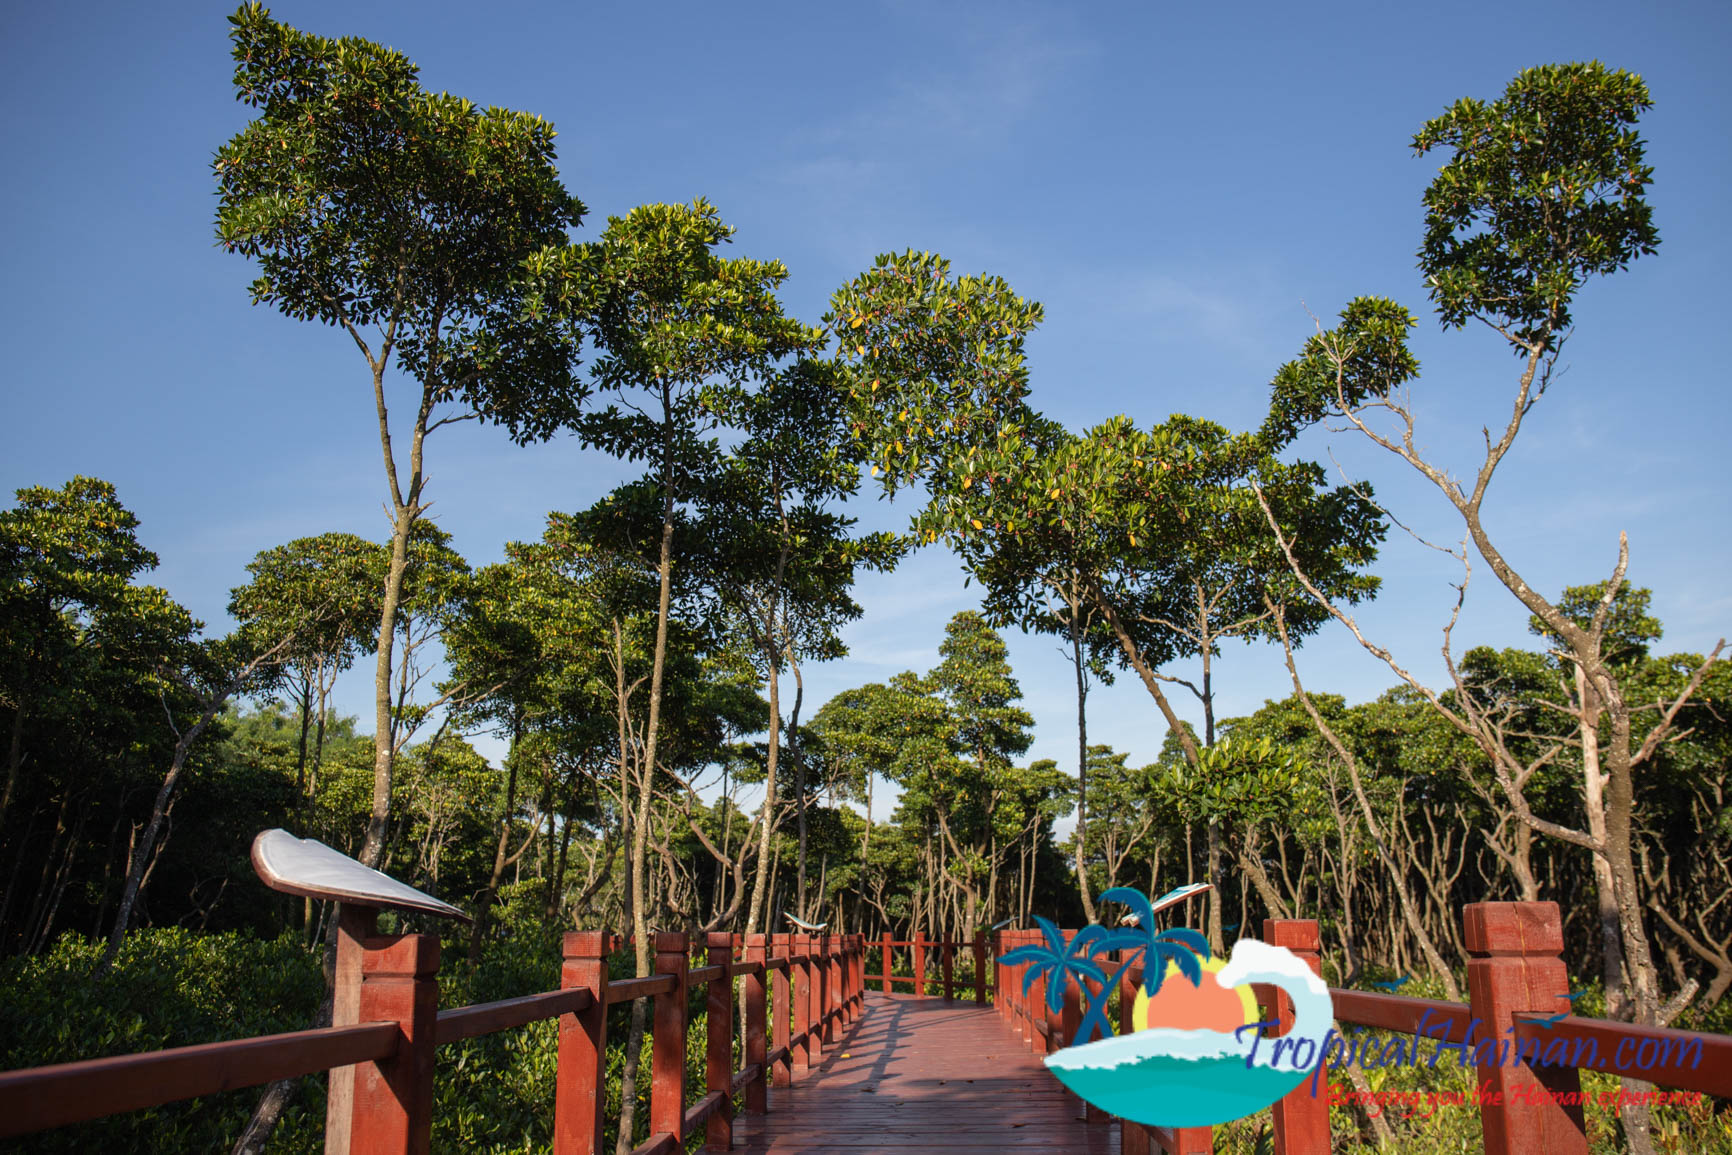 Dongzhaigang Mangroves and wetlands Haikou Hainan Island China (4 of 18)